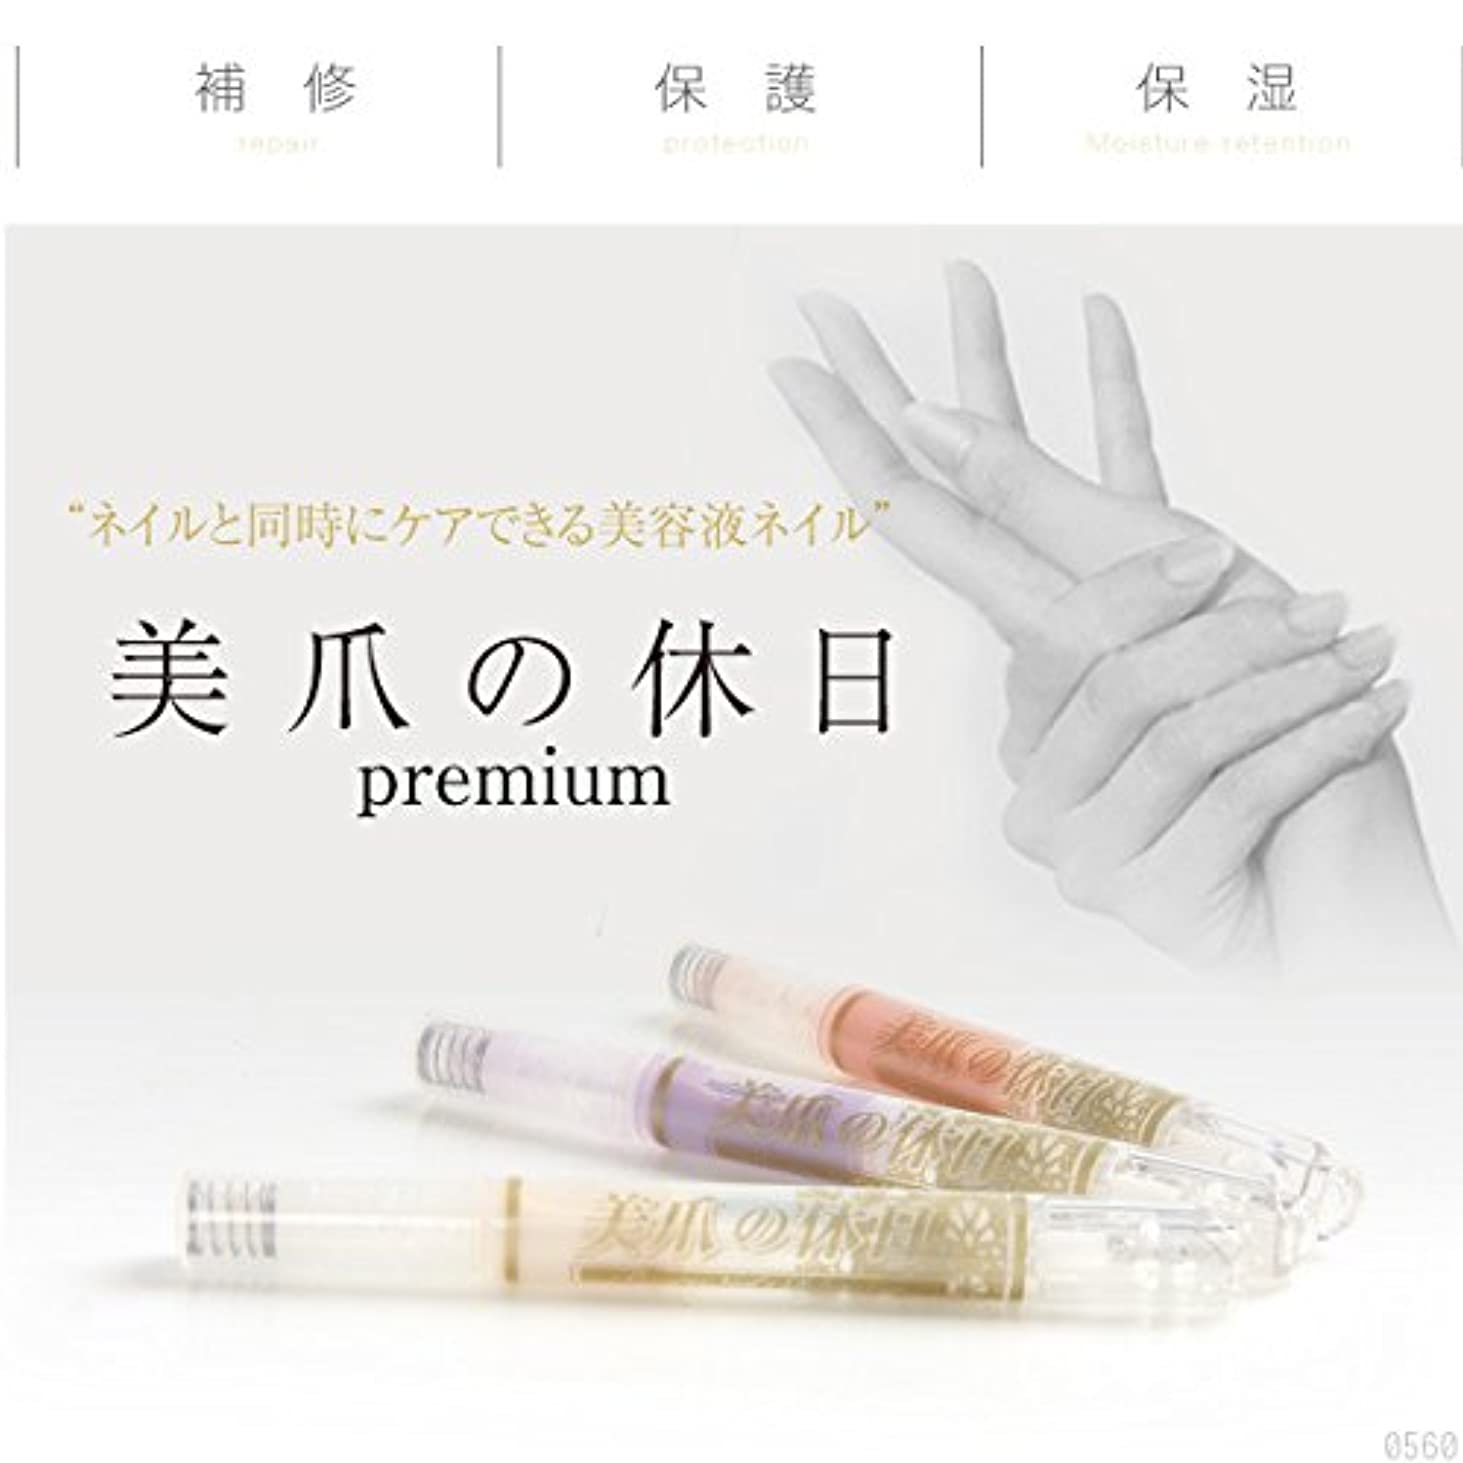 甘味あざアレキサンダーグラハムベルネイル美容液 美爪の休日プレミアム サーモンピンク1個、ラベンダー1個、ミルクホワイト1個セット